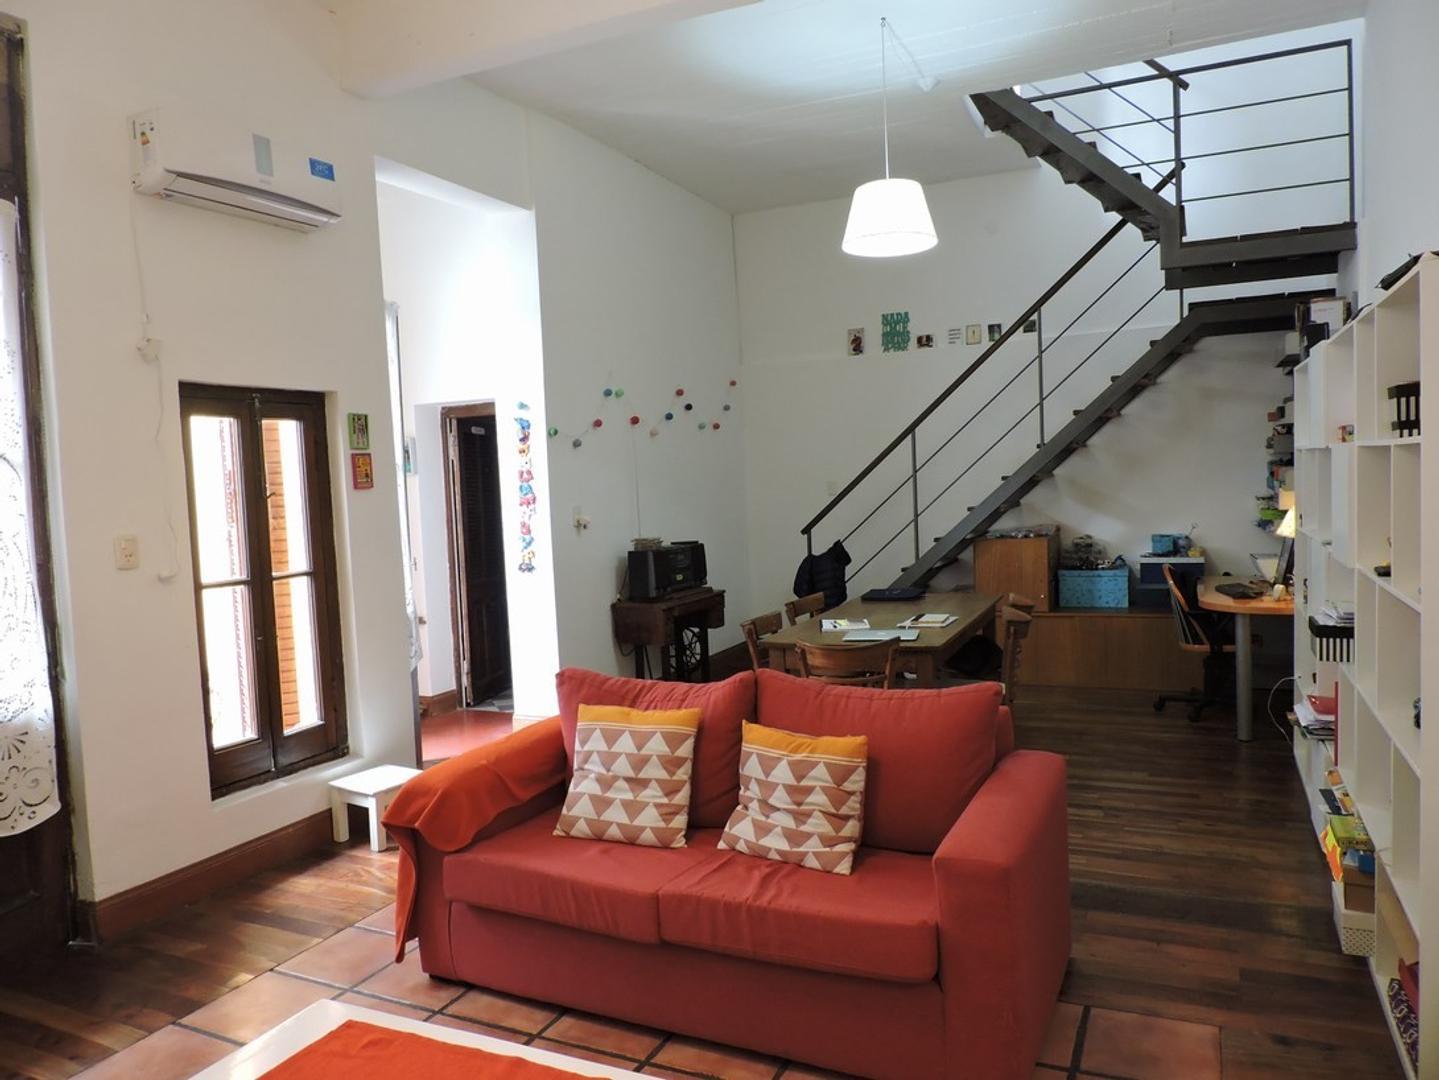 XINTEL(BRV-BRV-54) Excelente, cómodo y amplio PH, Ubicado en Palermo